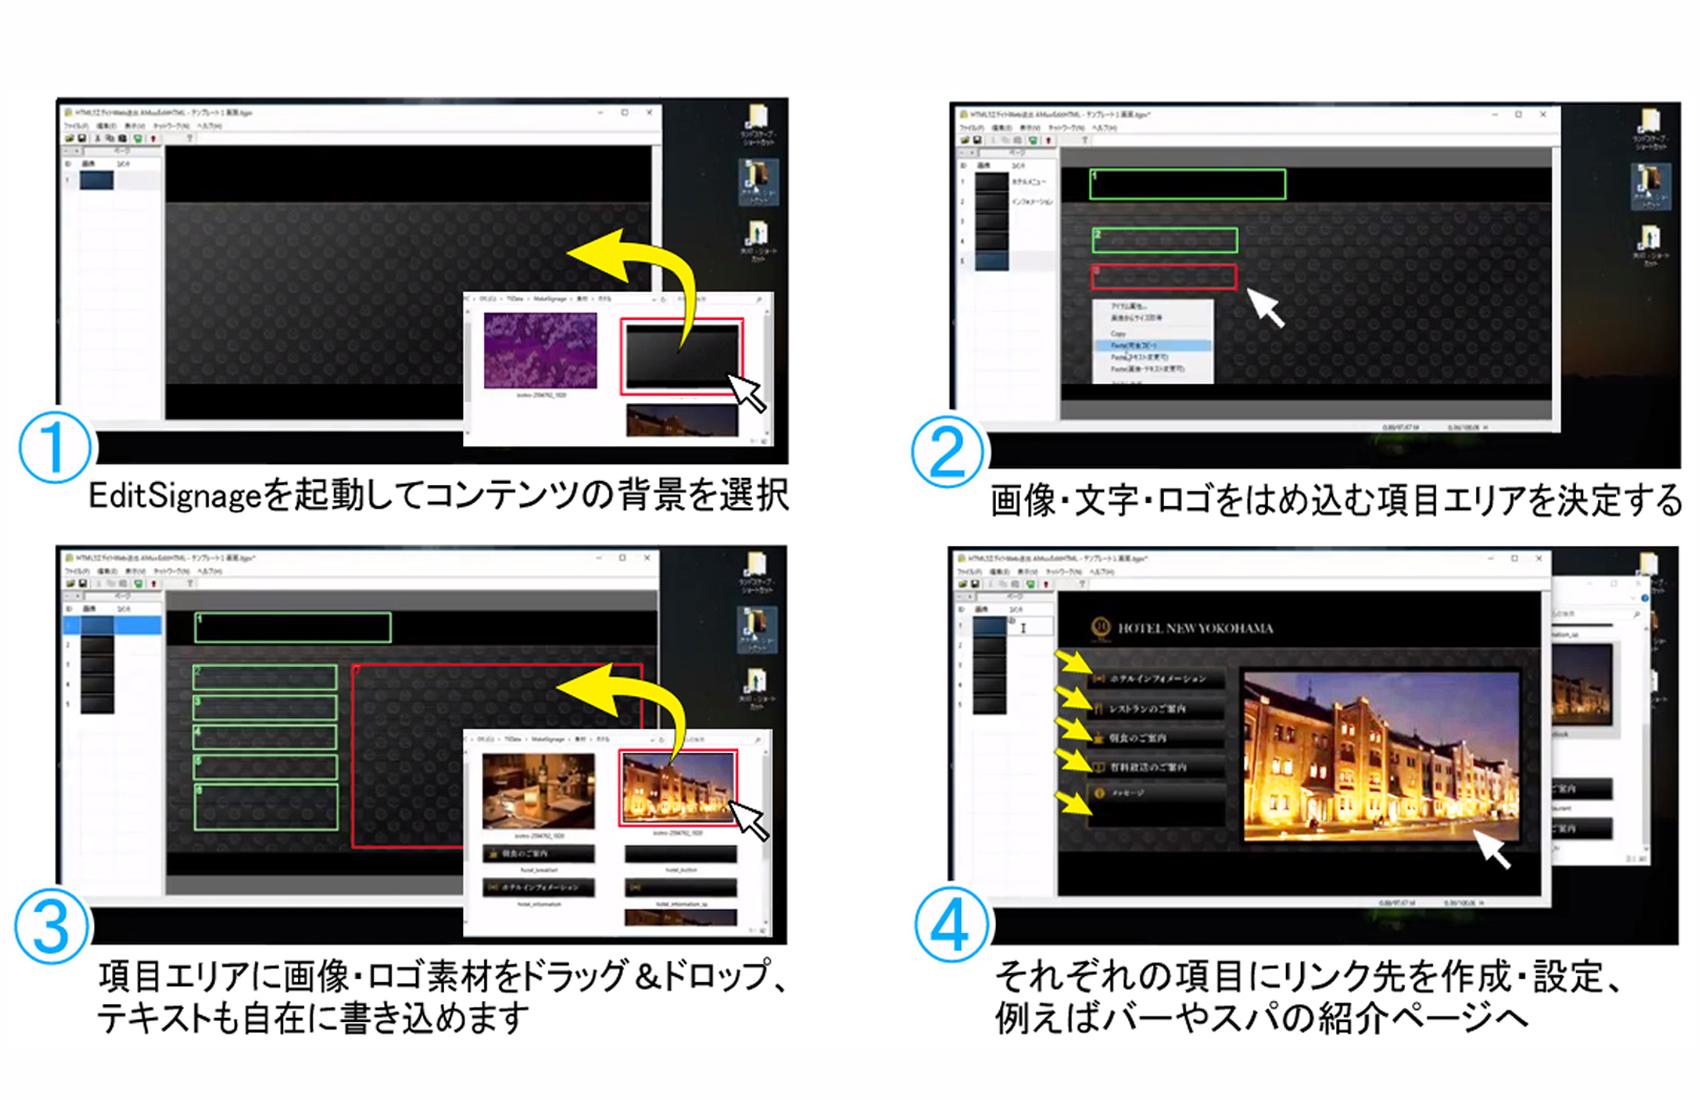 タッチパネル対応コンテンツ作成ソフト「EditSignage」エディトサイネージ.